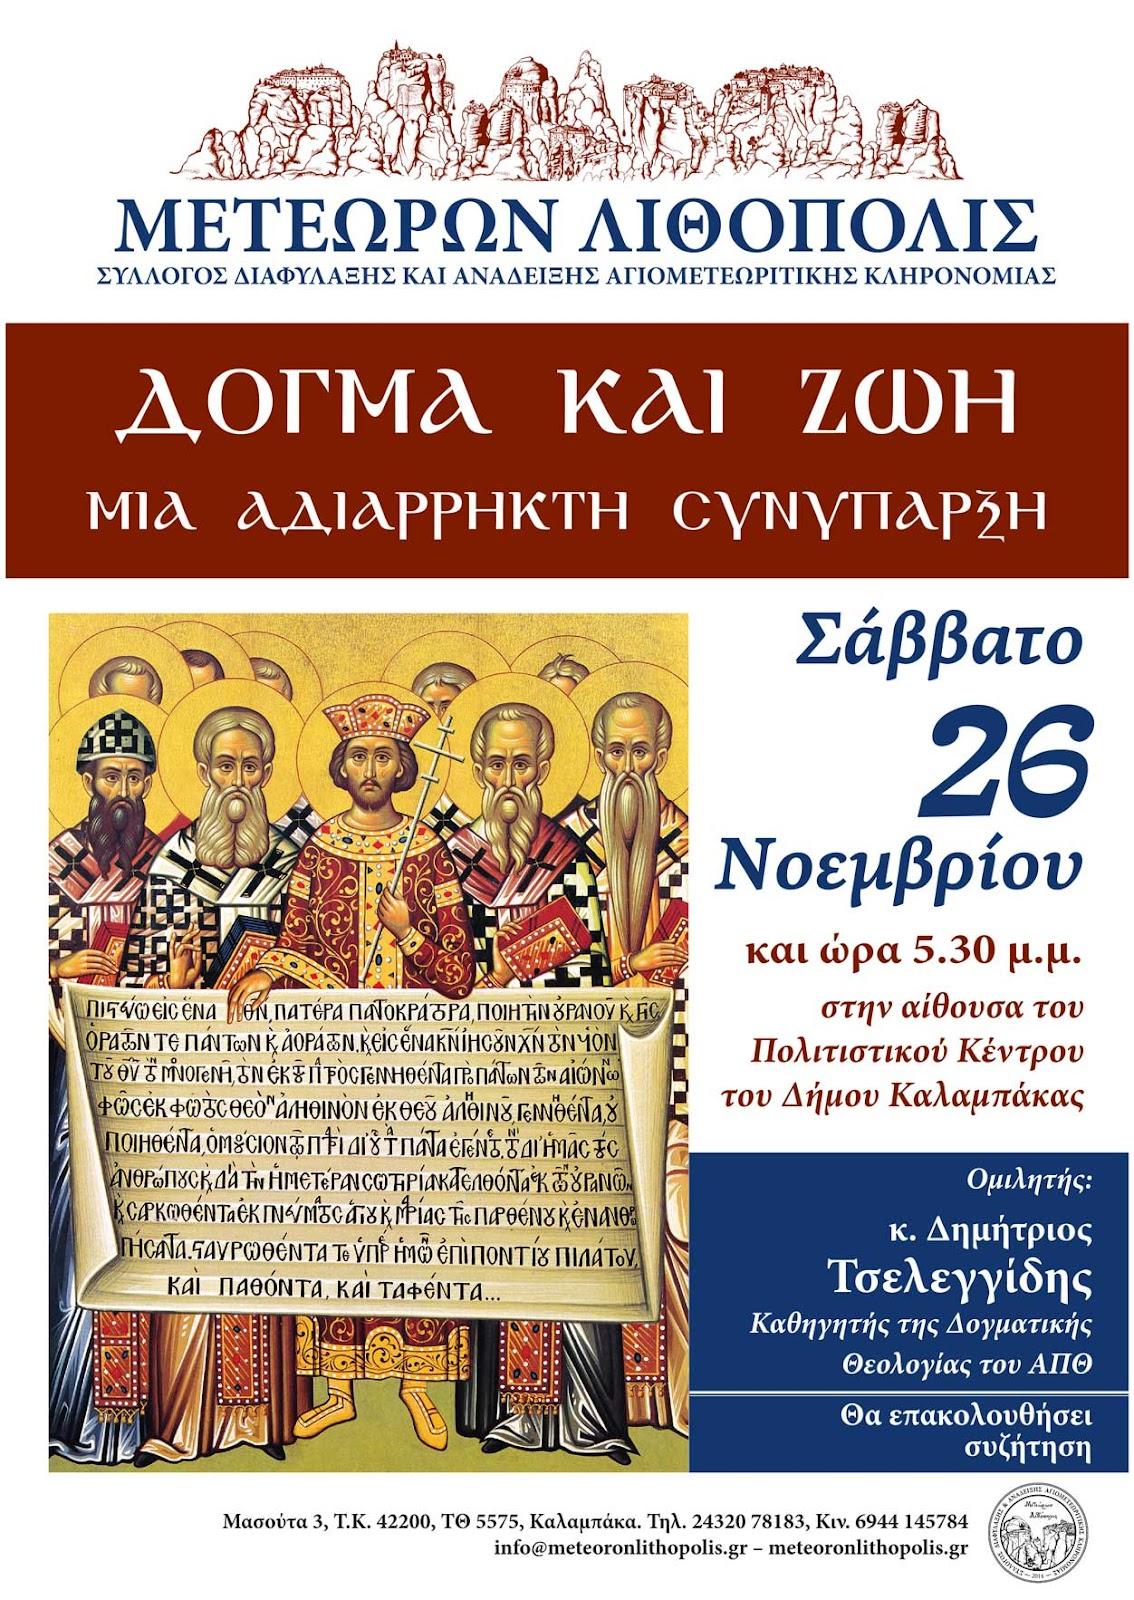 Αφίσα_tseleg_ml2.jpg